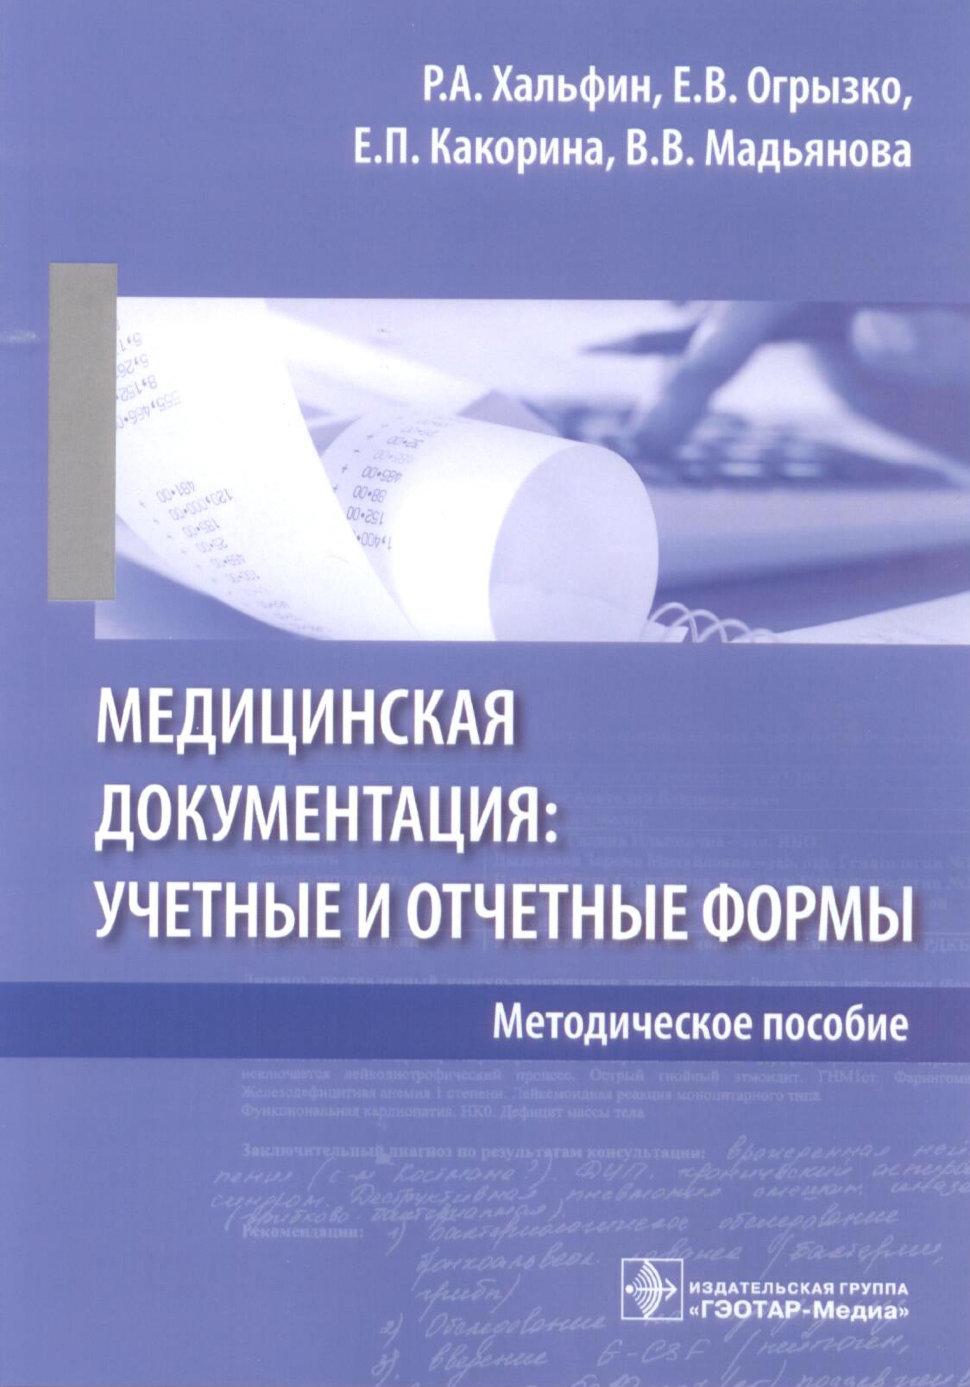 Отчетность медицинская фото